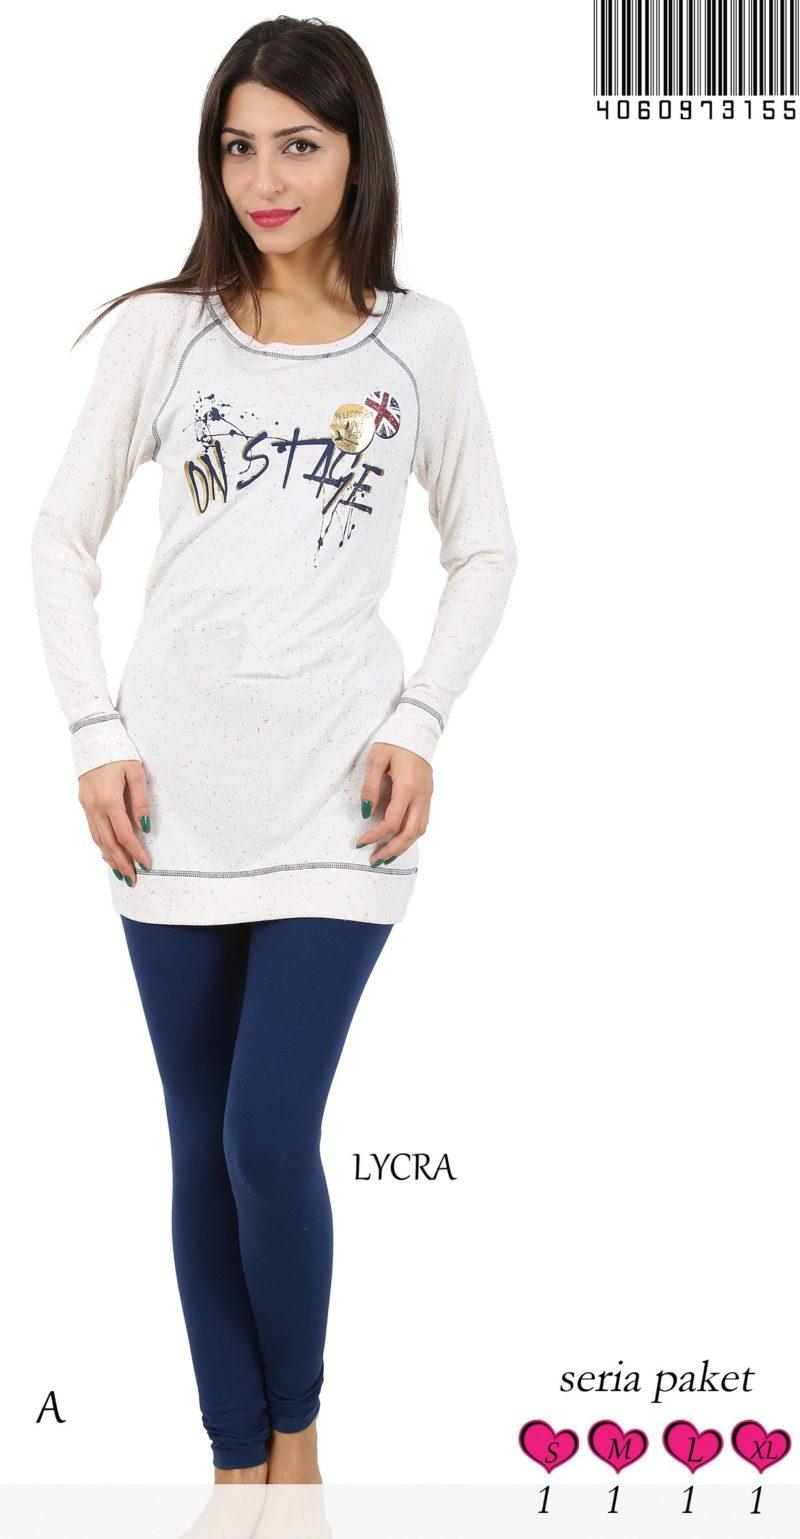 Пижама женская лосины 4060973155